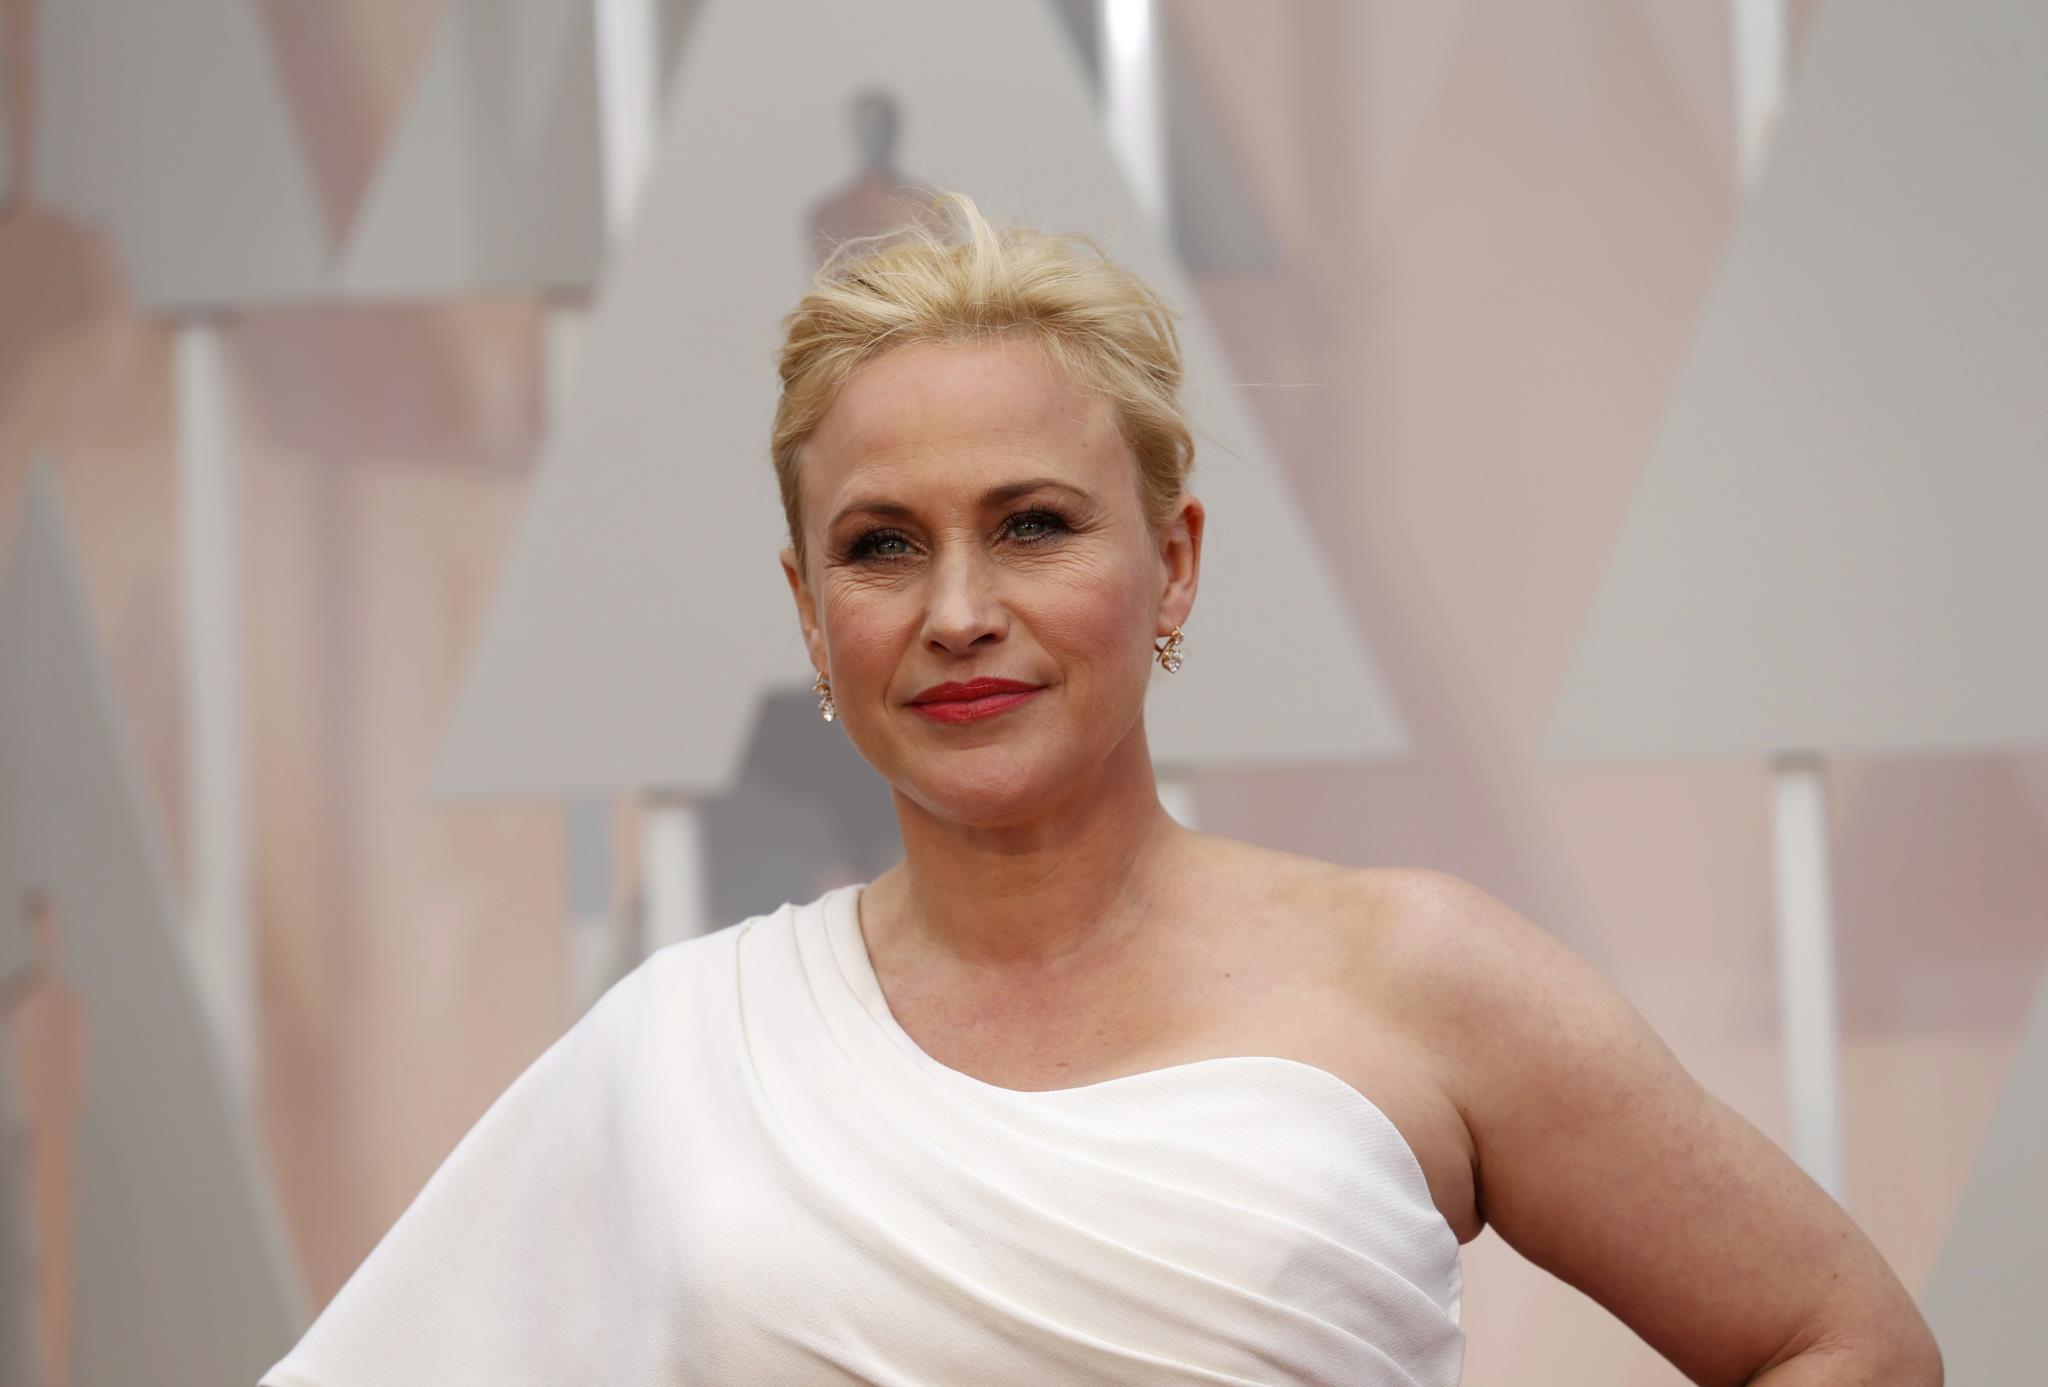 Patricia Arquette está disponível para trabalhar sobre a igualdade de género